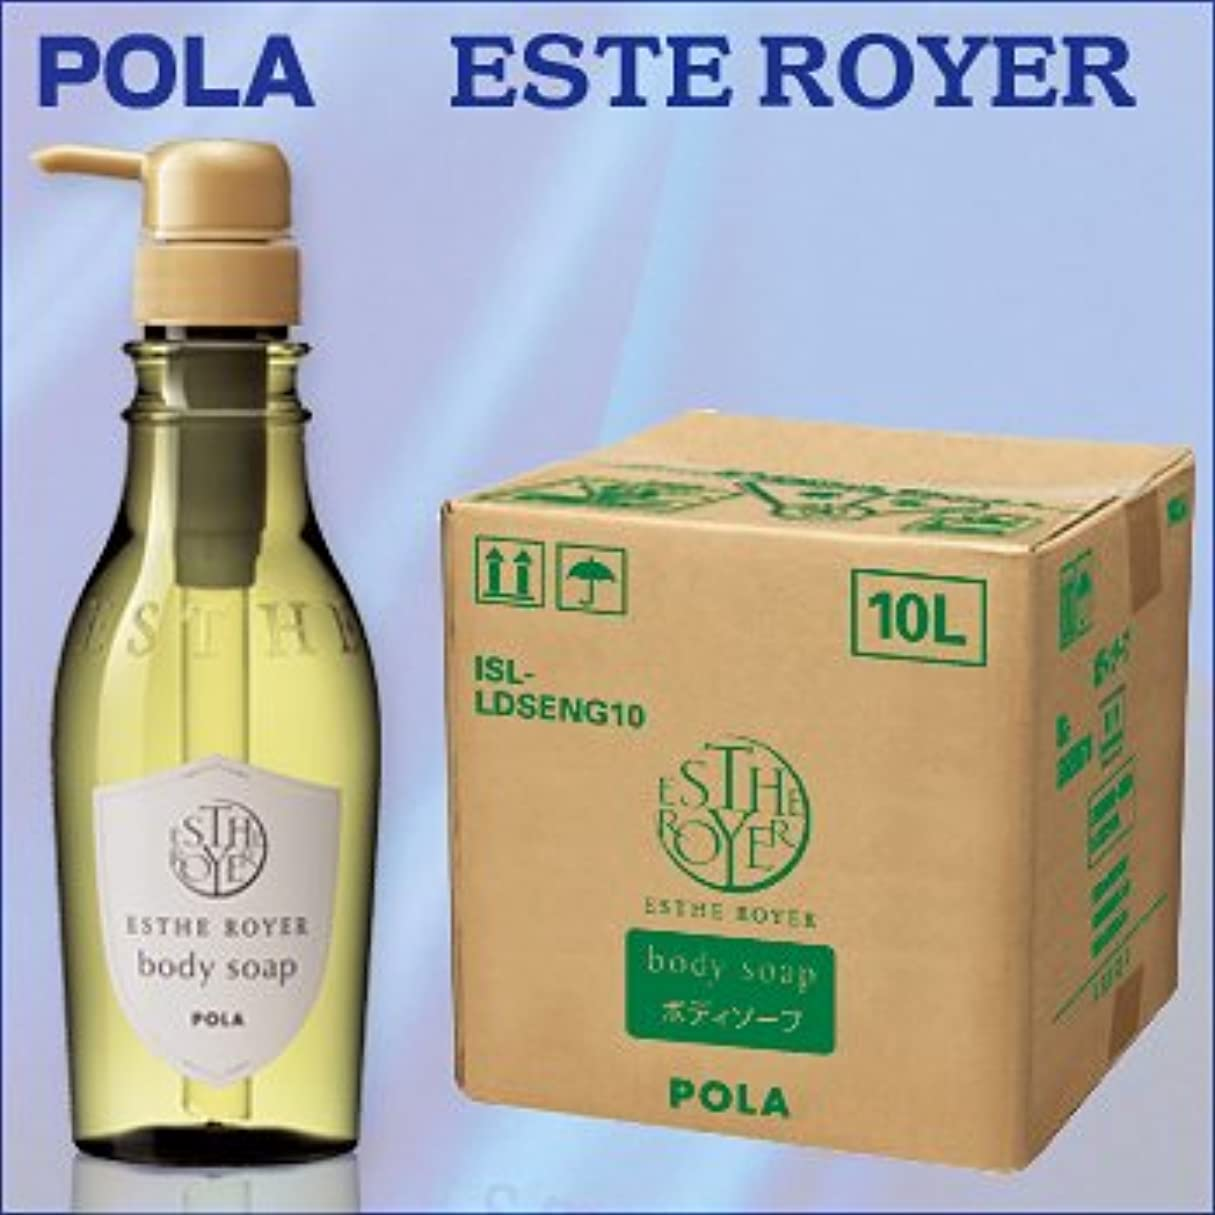 雄大な識字報いるPOLA エステロワイエ 業務用ボディソープ 10L (1セット10L入)